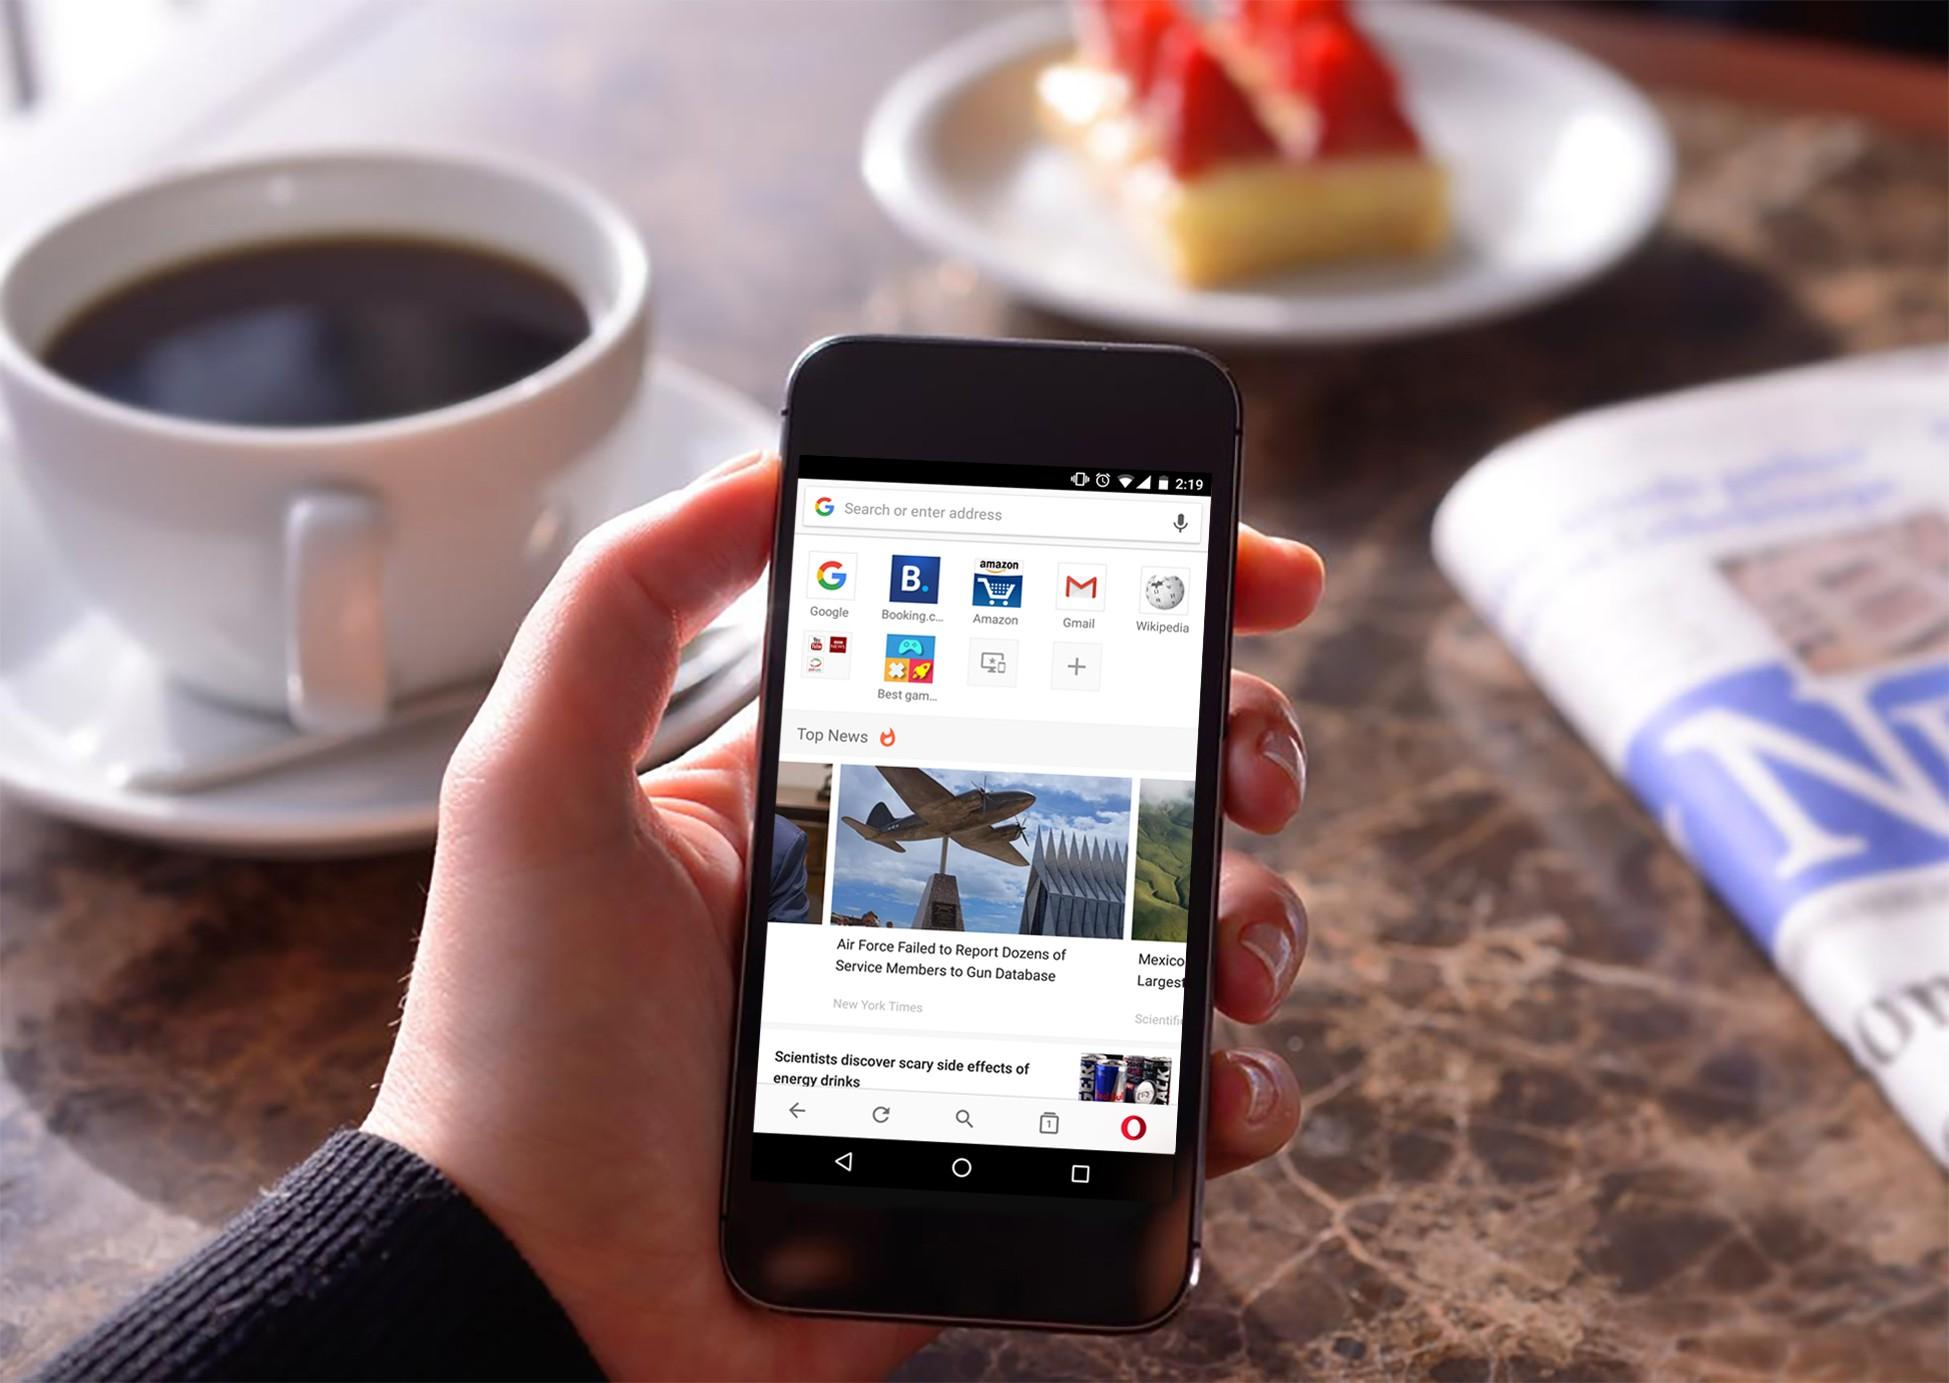 La vitesse d'un réseau Wi-Fi public est maintenant indiquée avant de se connecter — Android Oreo